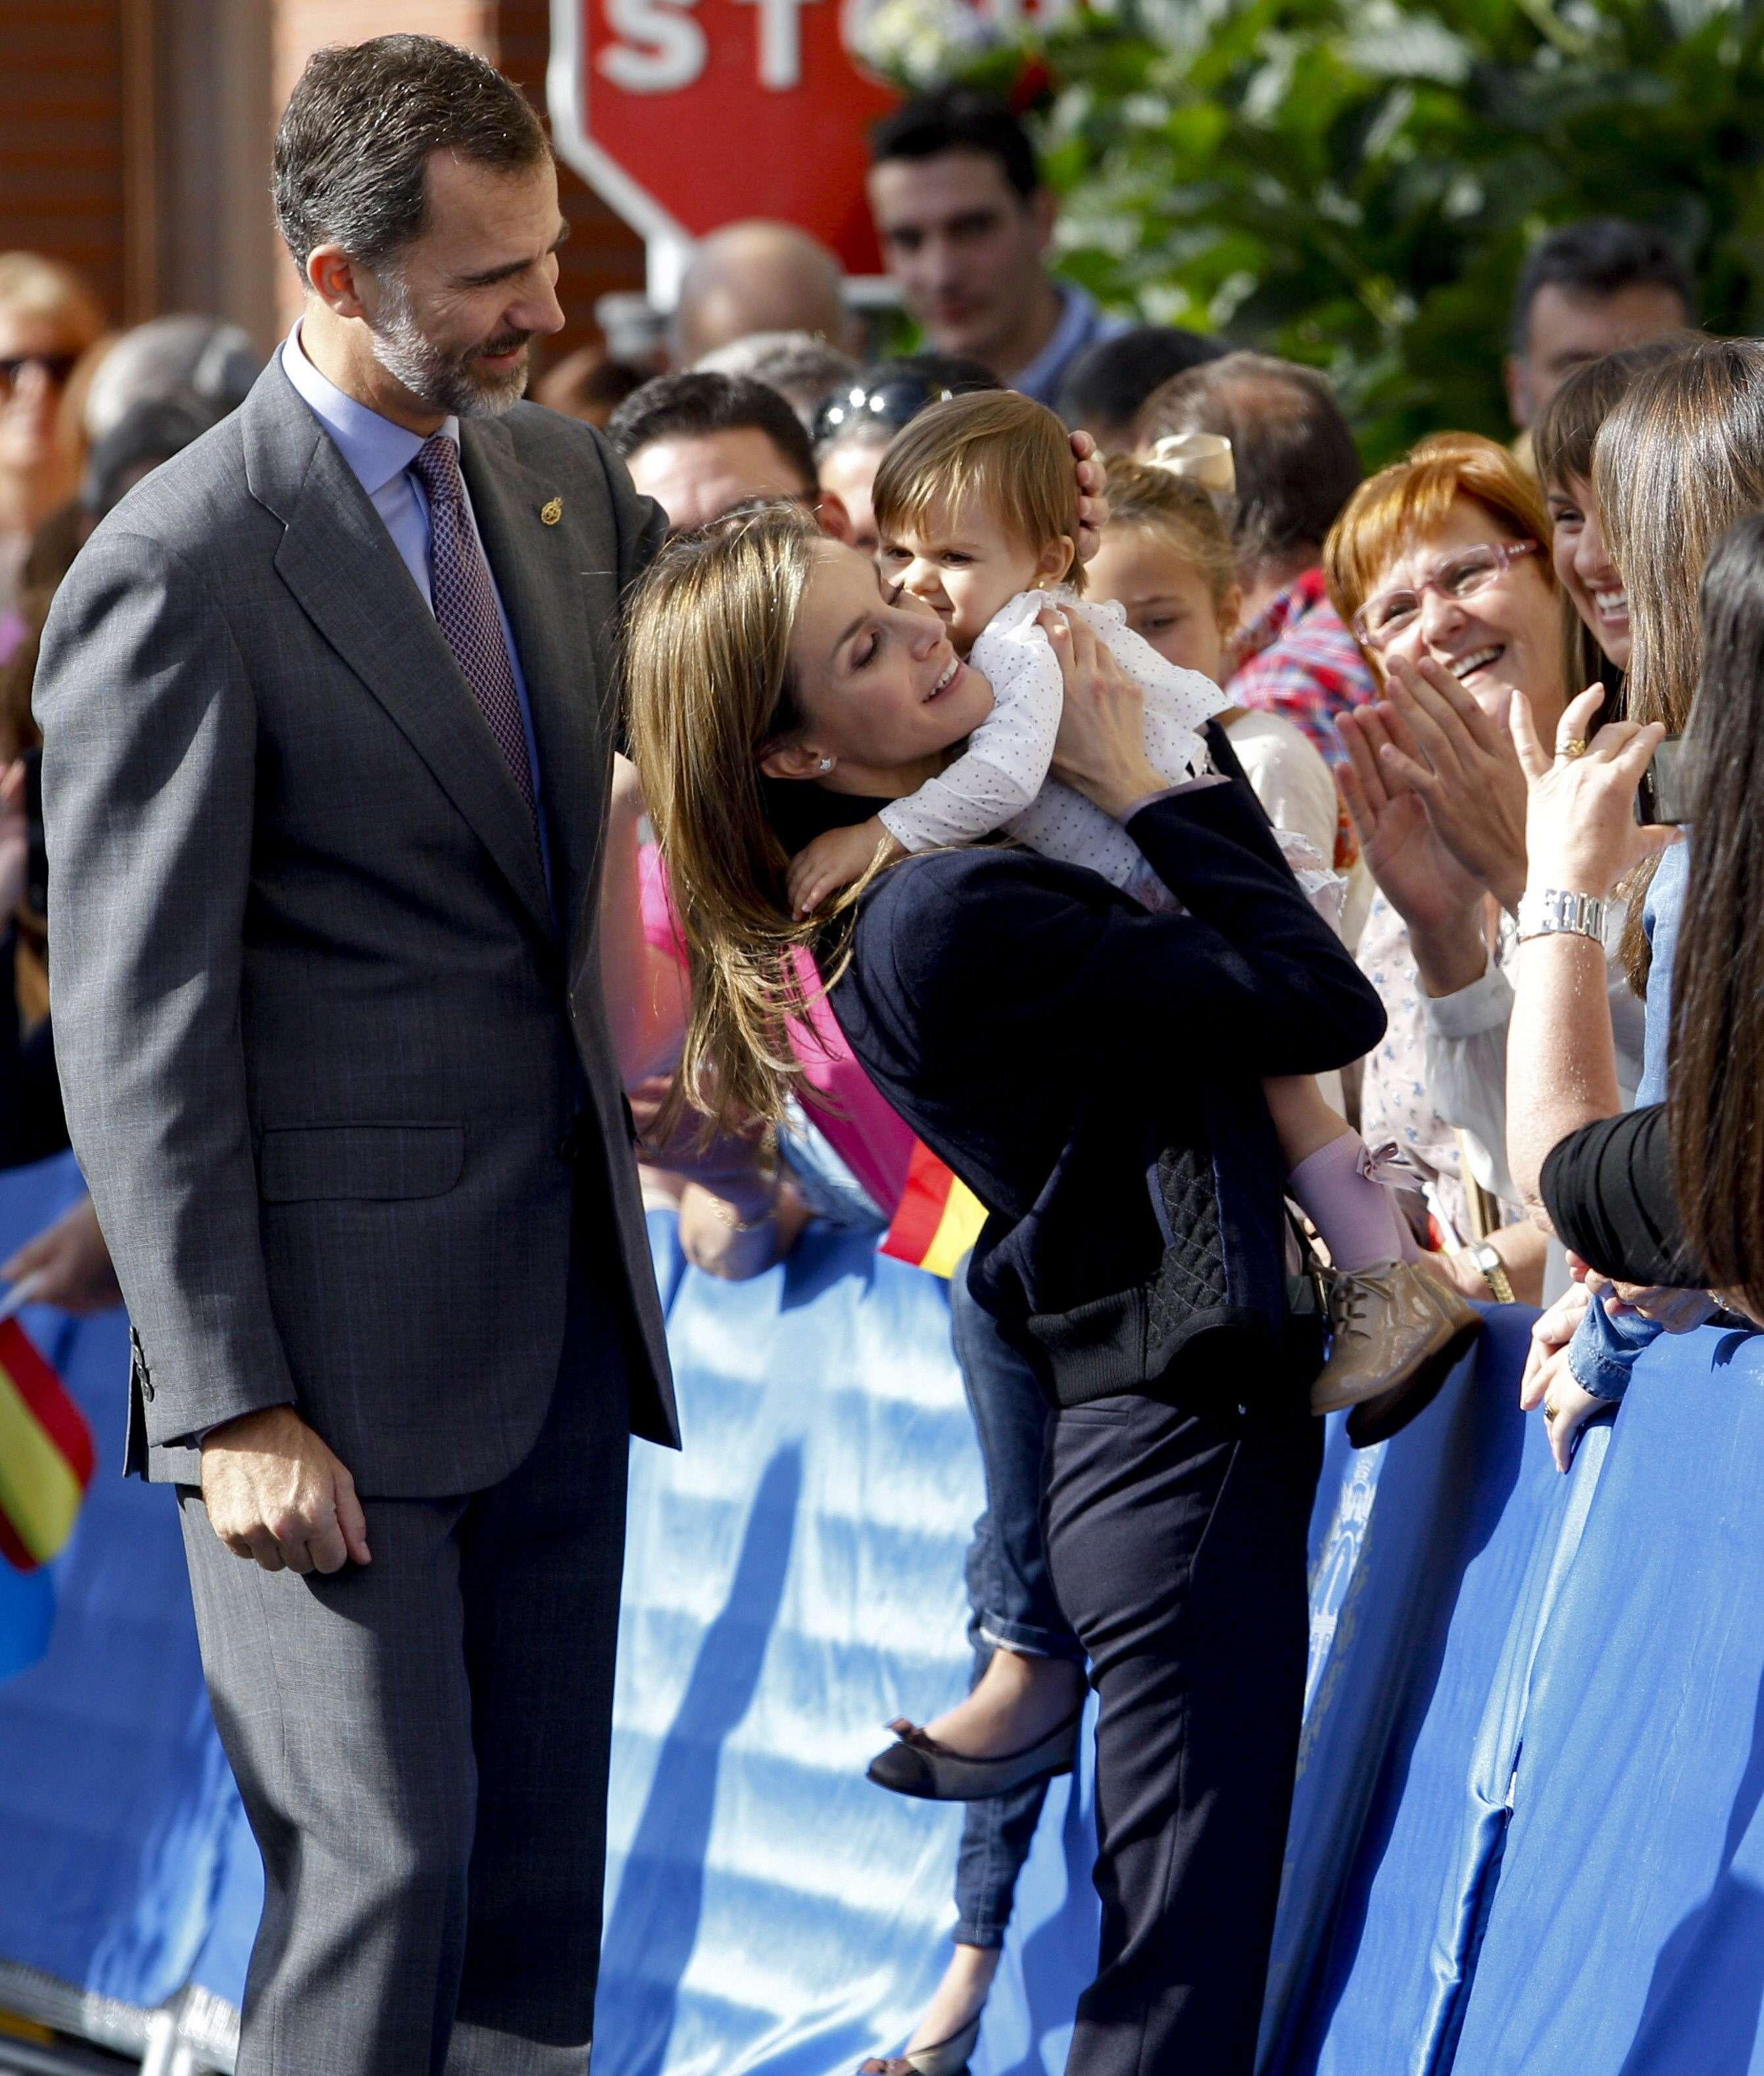 Los reyes Felipe y Letizia saludan a su llegada a Boal, el concejo asturiano de 1.700 habitantes declarado este año Pueblo Ejemplar de Asturias. Foto: EFE en español